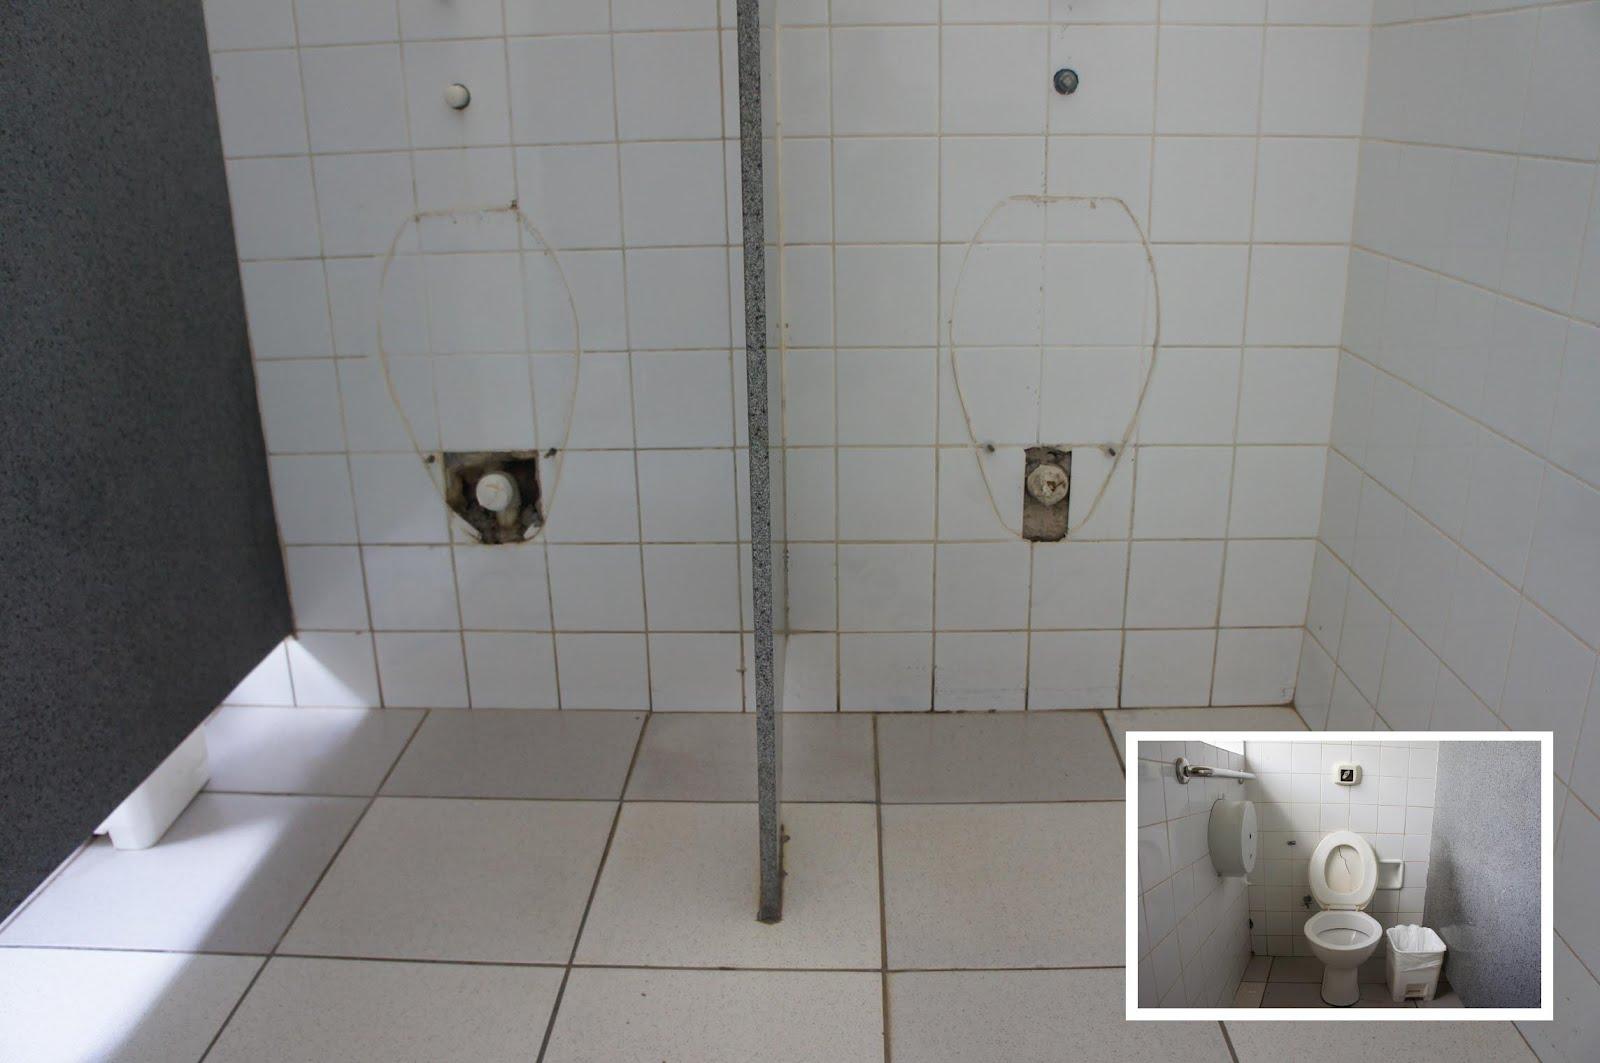 Pin Banheiro De Deficiente Fisico on Pinterest #565975 1600 1063